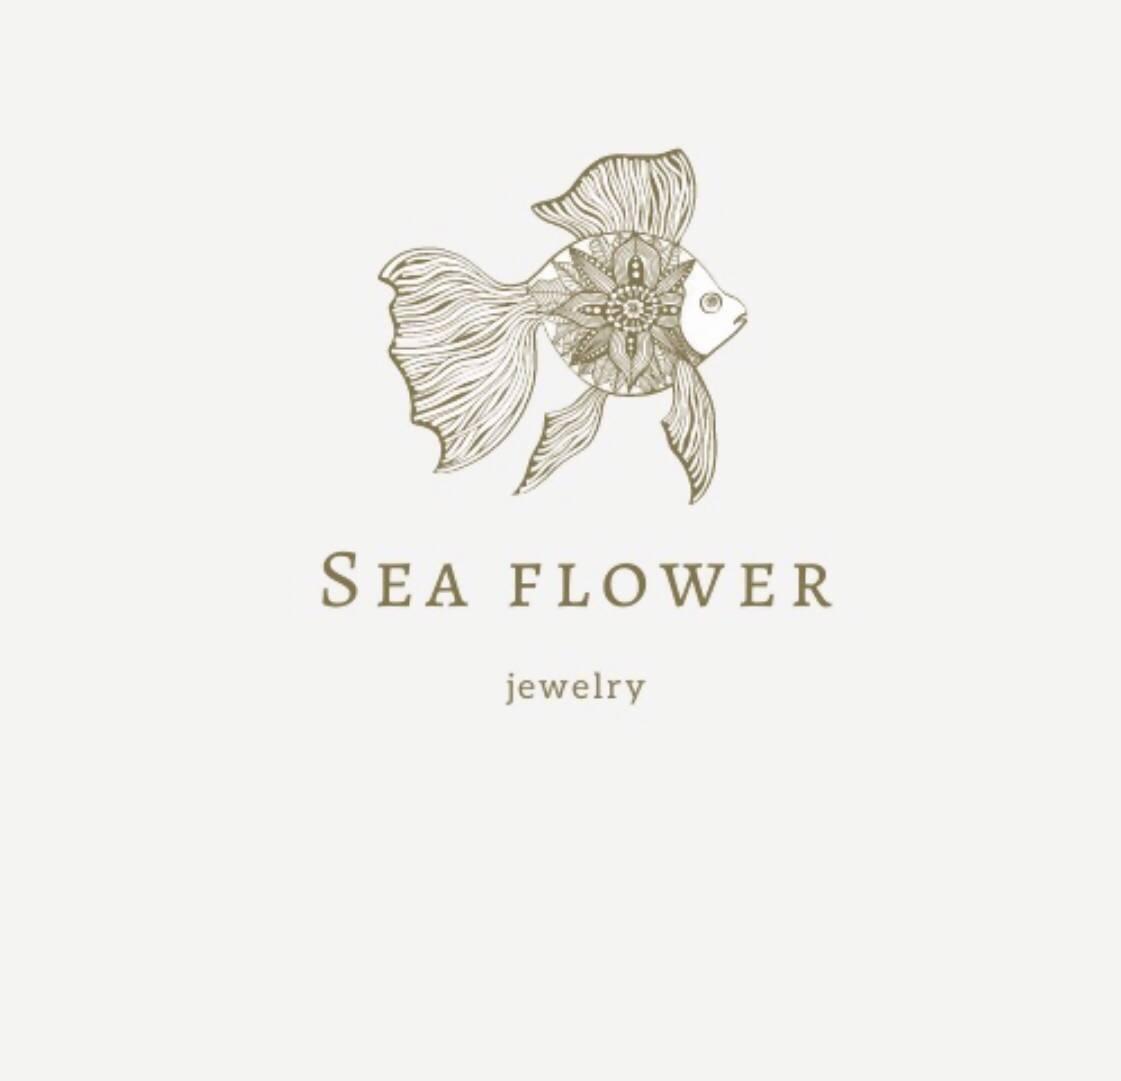 Sea Flower Jewalry